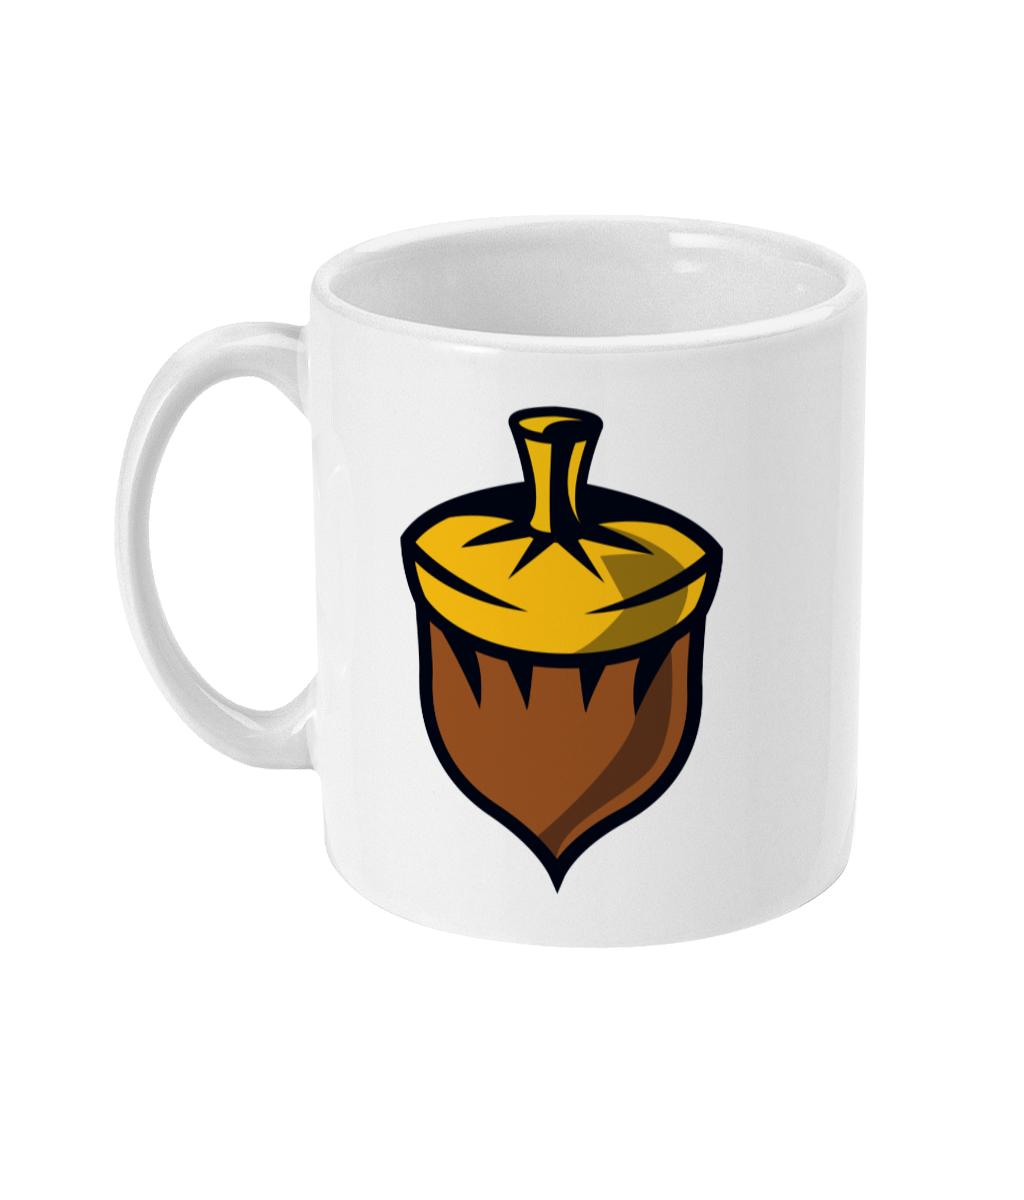 NutRaisin-Nut-Mug-Left-1